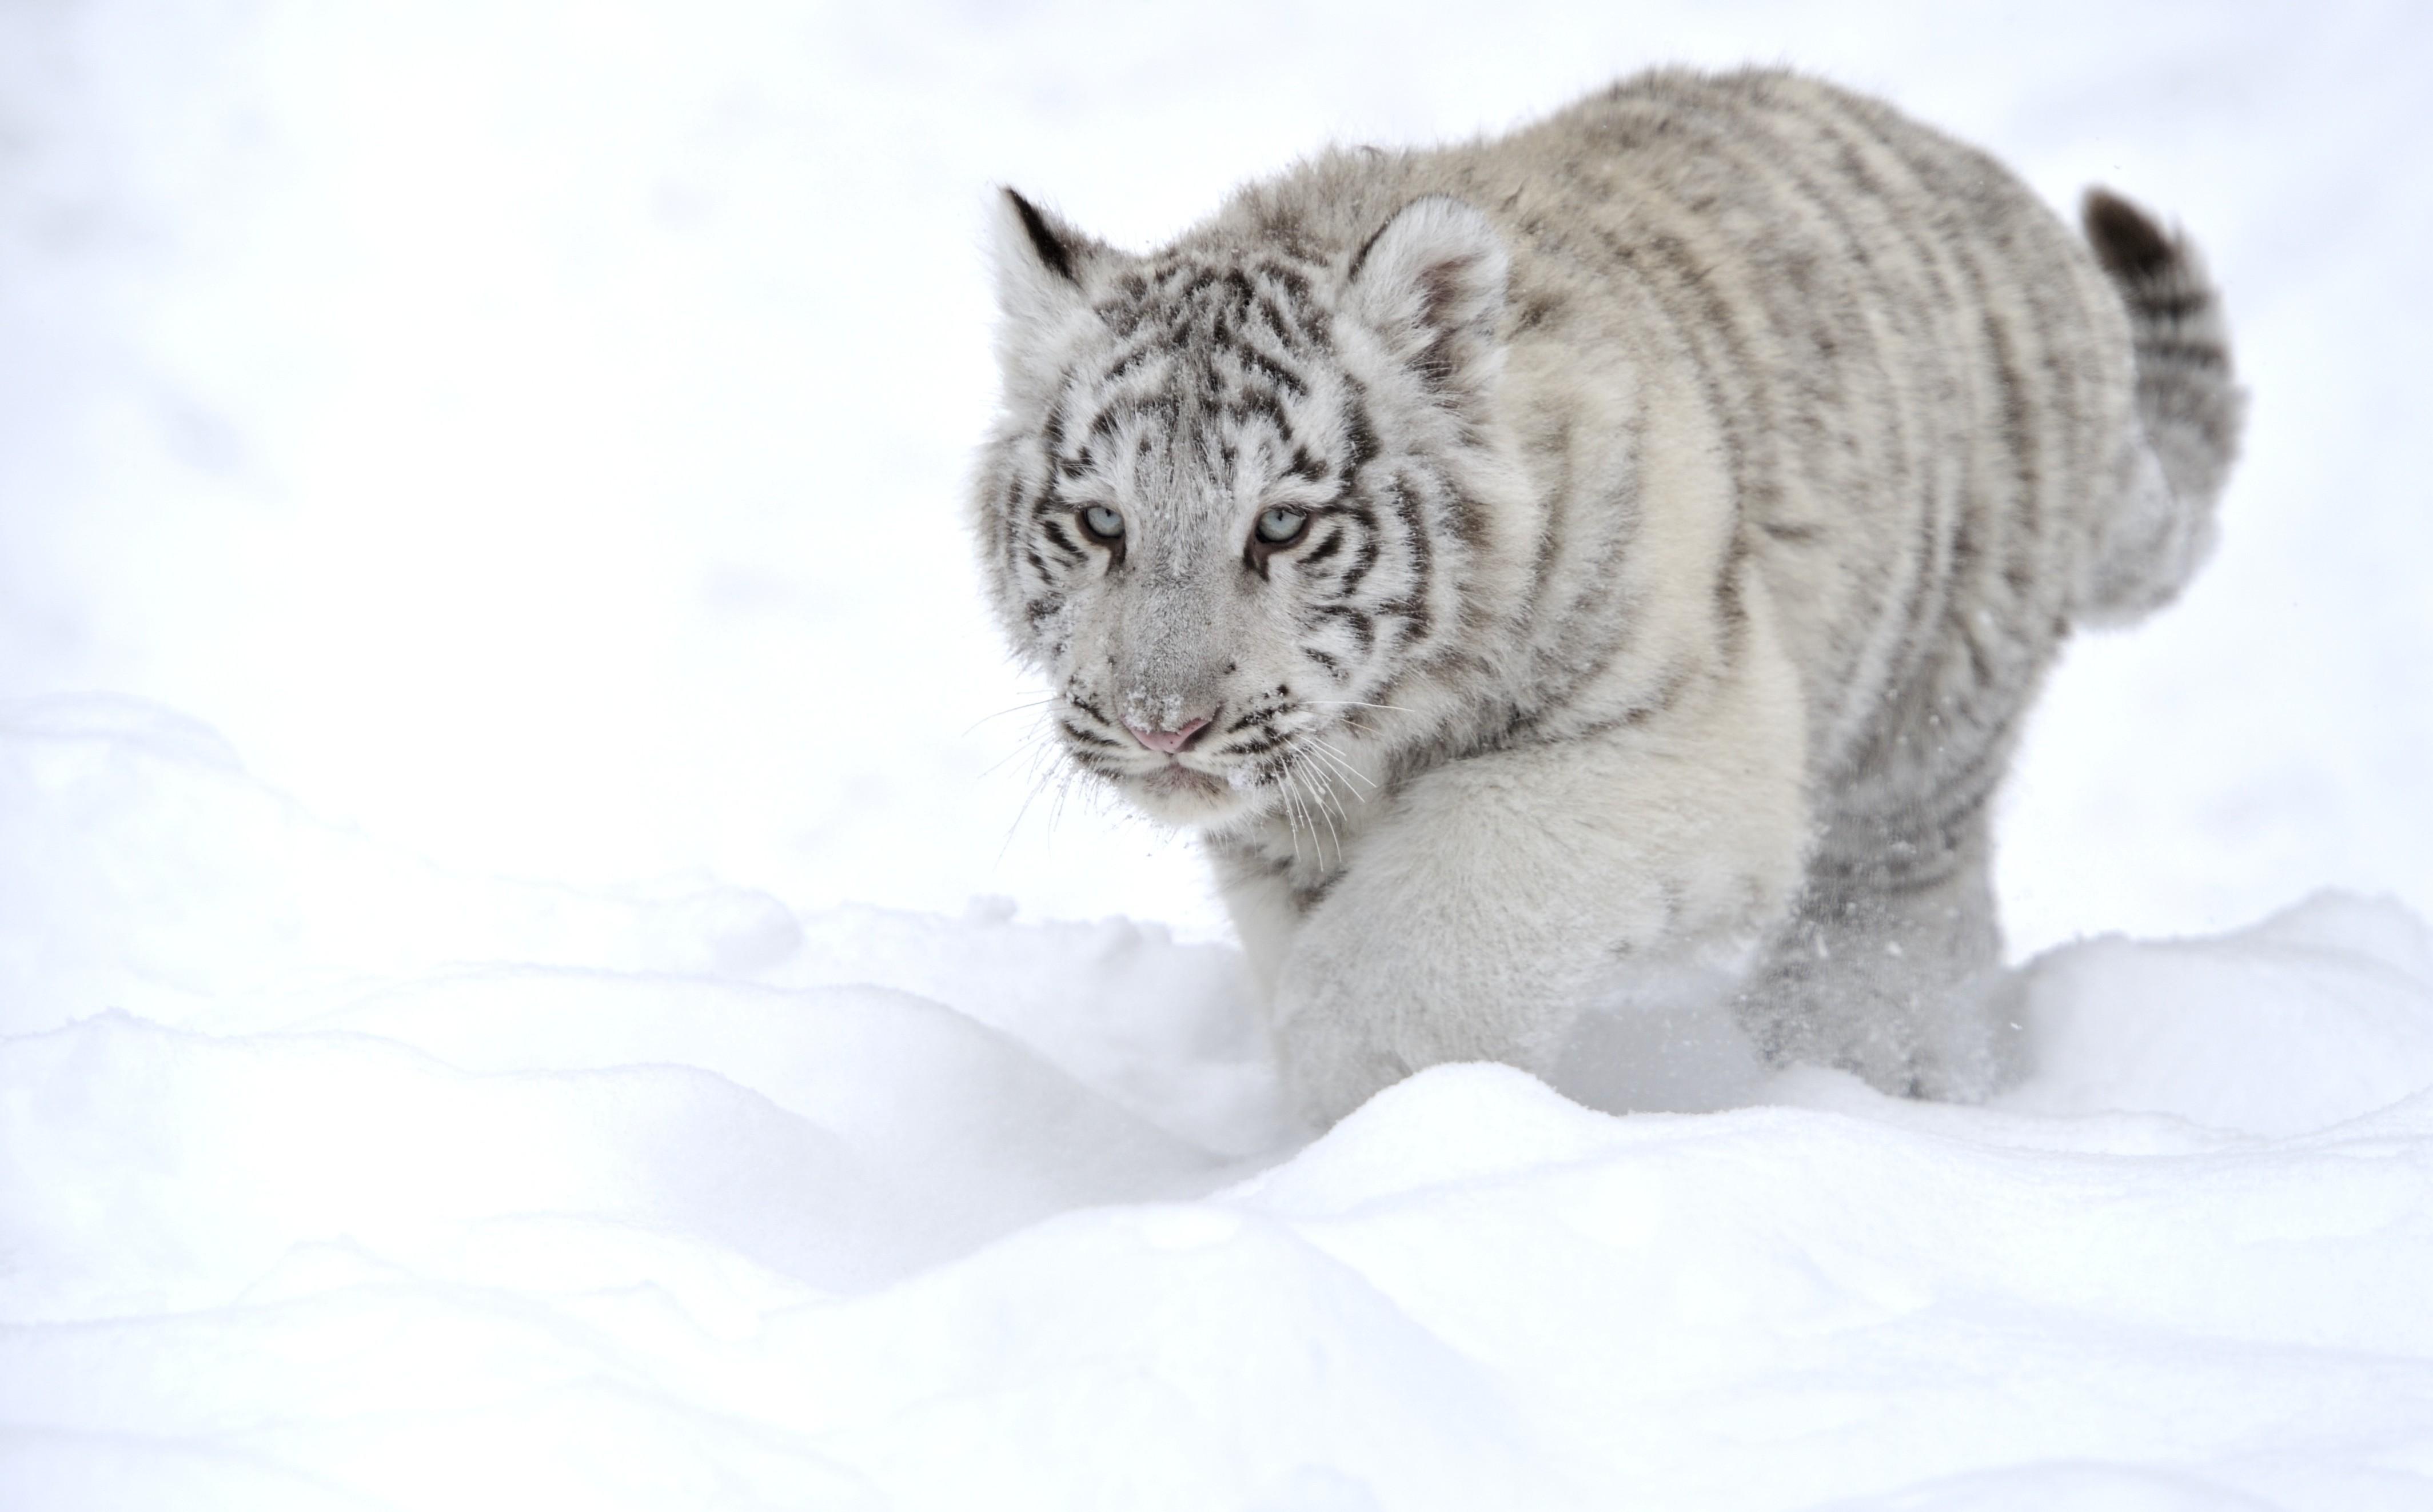 белый тигр на снегу  № 988807 бесплатно